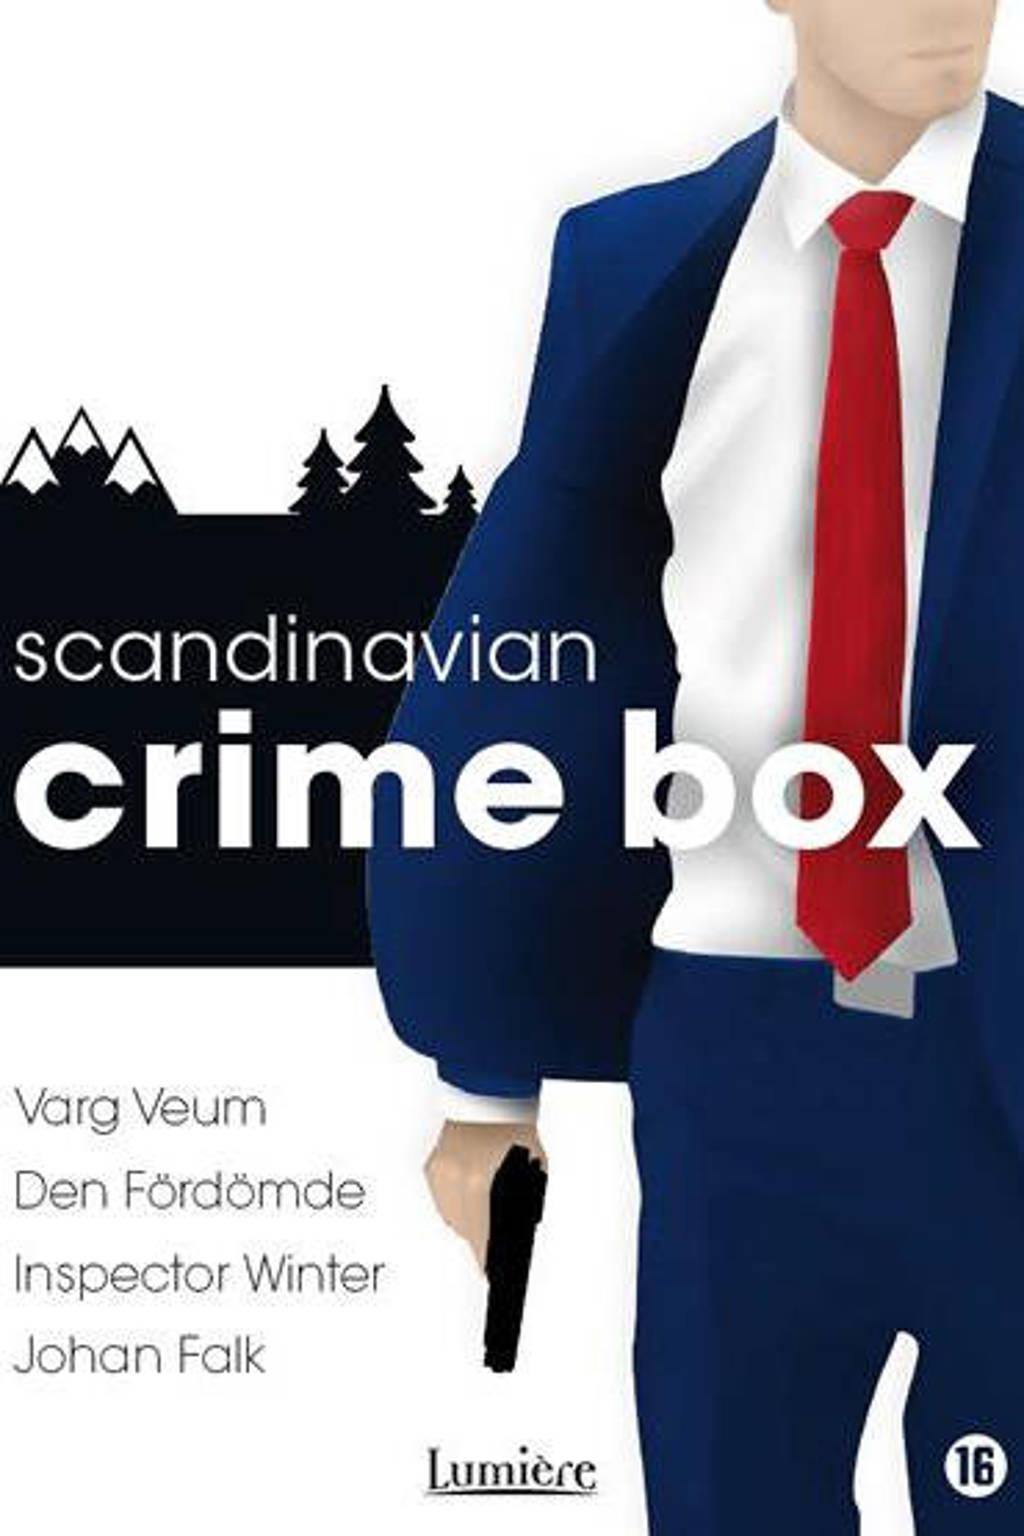 Scandinavian crime box (DVD)